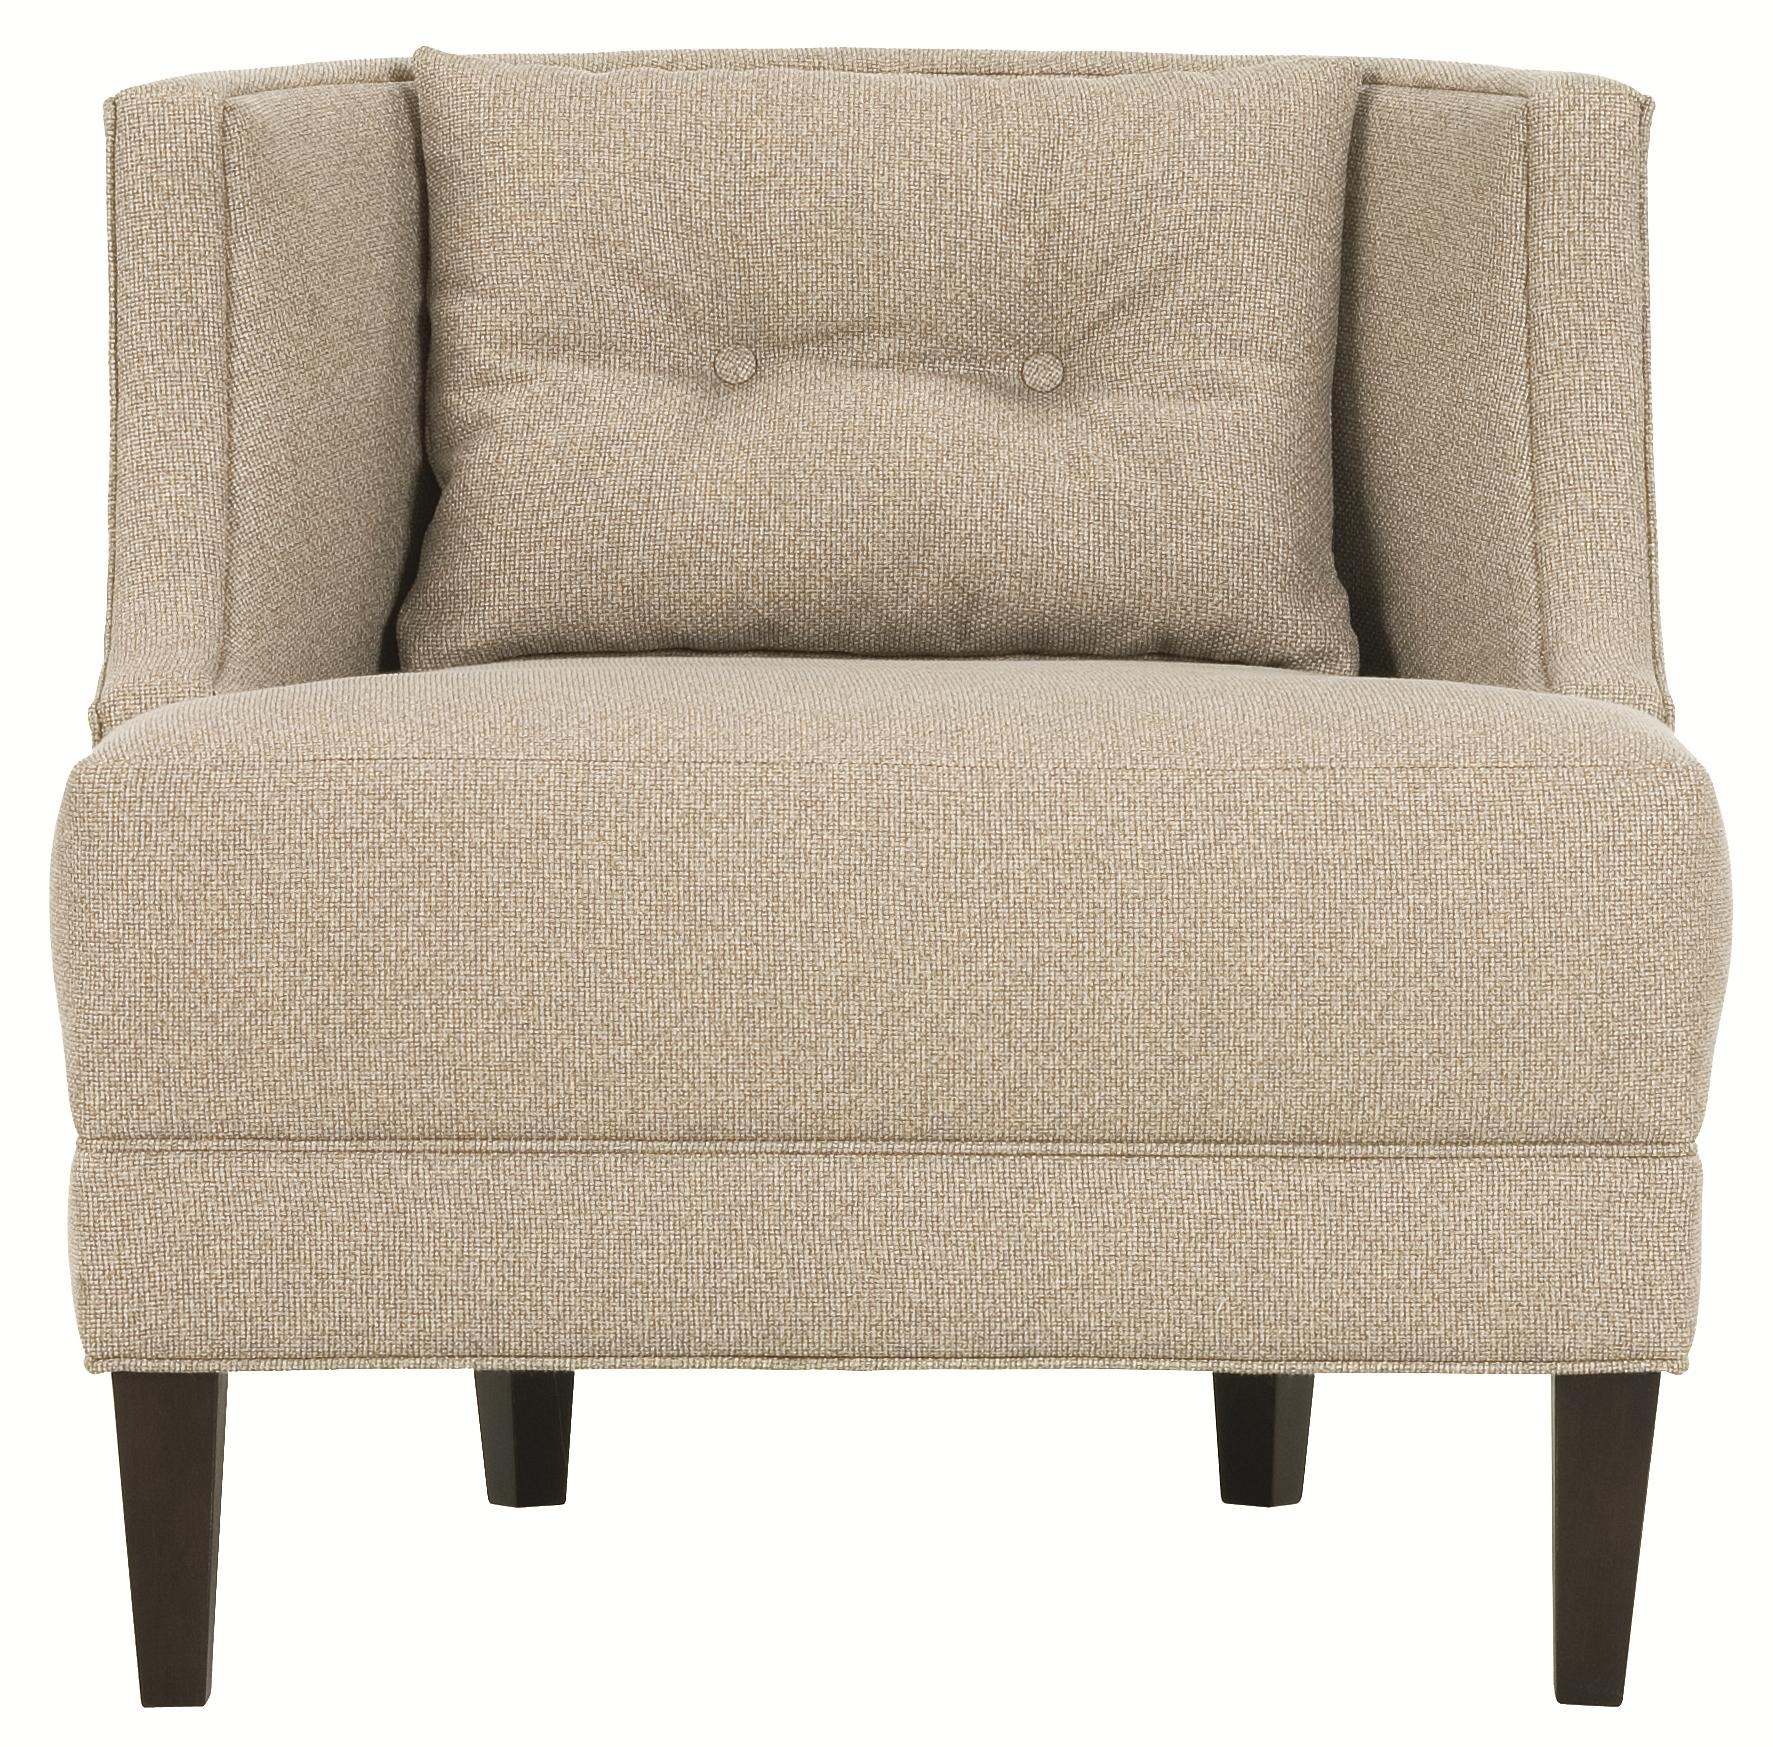 Merveilleux Stegeru0027s Furniture